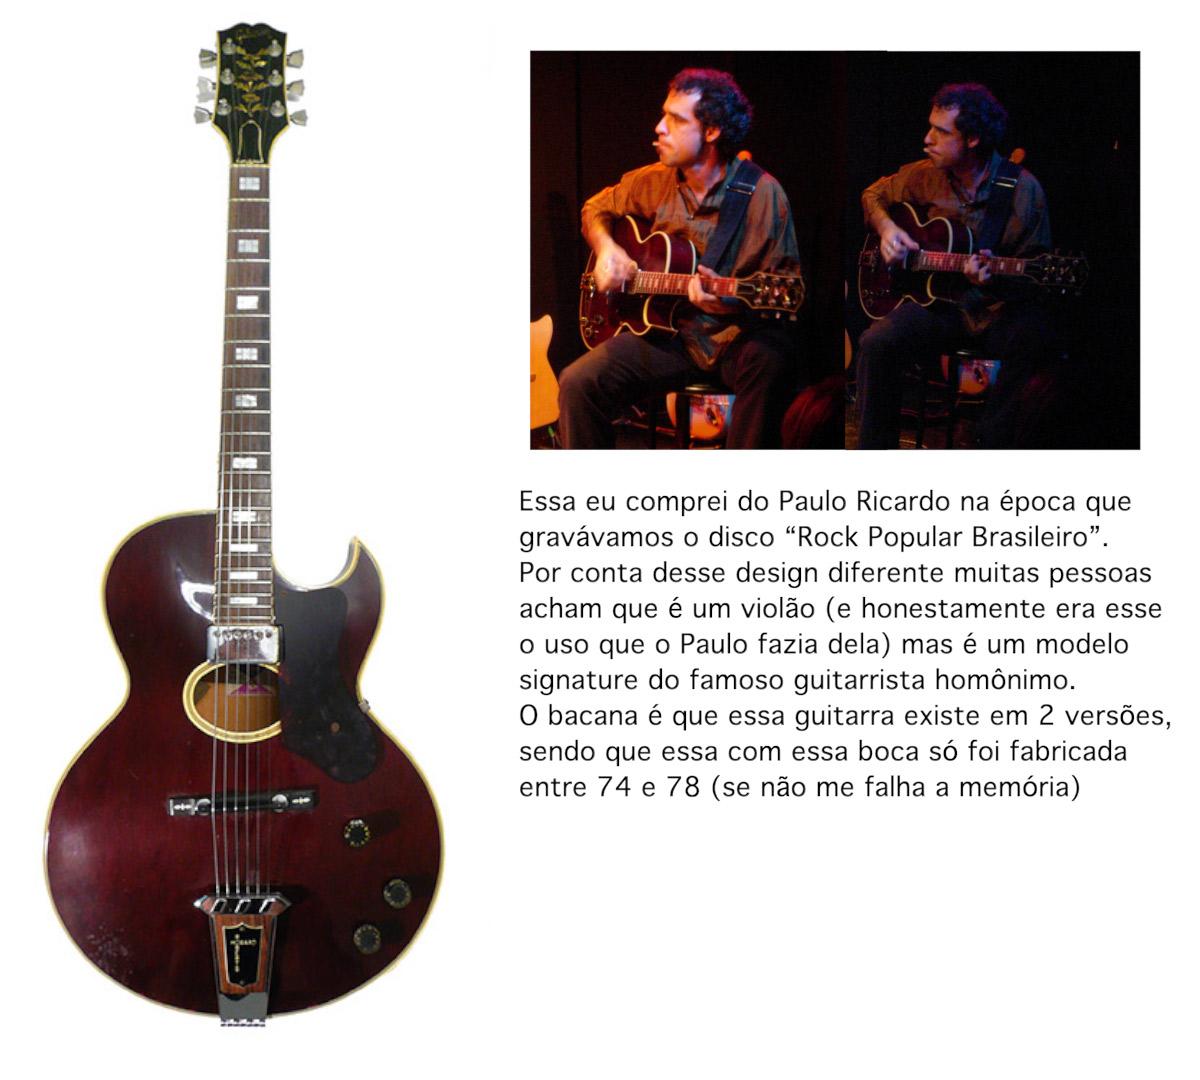 """Essa eu comprei do Paulo Ricardo na época que gravávamos o disco """"Rock Popular Brasileiro"""". Por conta desse design diferente muitas pessoas acham que é um violão (e honestamente era esse o uso que o Paulo fazia dela) mas é um modelo signature do famoso guitarrista homônimo. O bacana é que essa guitarra existe em 2 versões, sendo que essa com essa boca só foi fabricada entre 74 e 78 (se não me falha a memória)"""